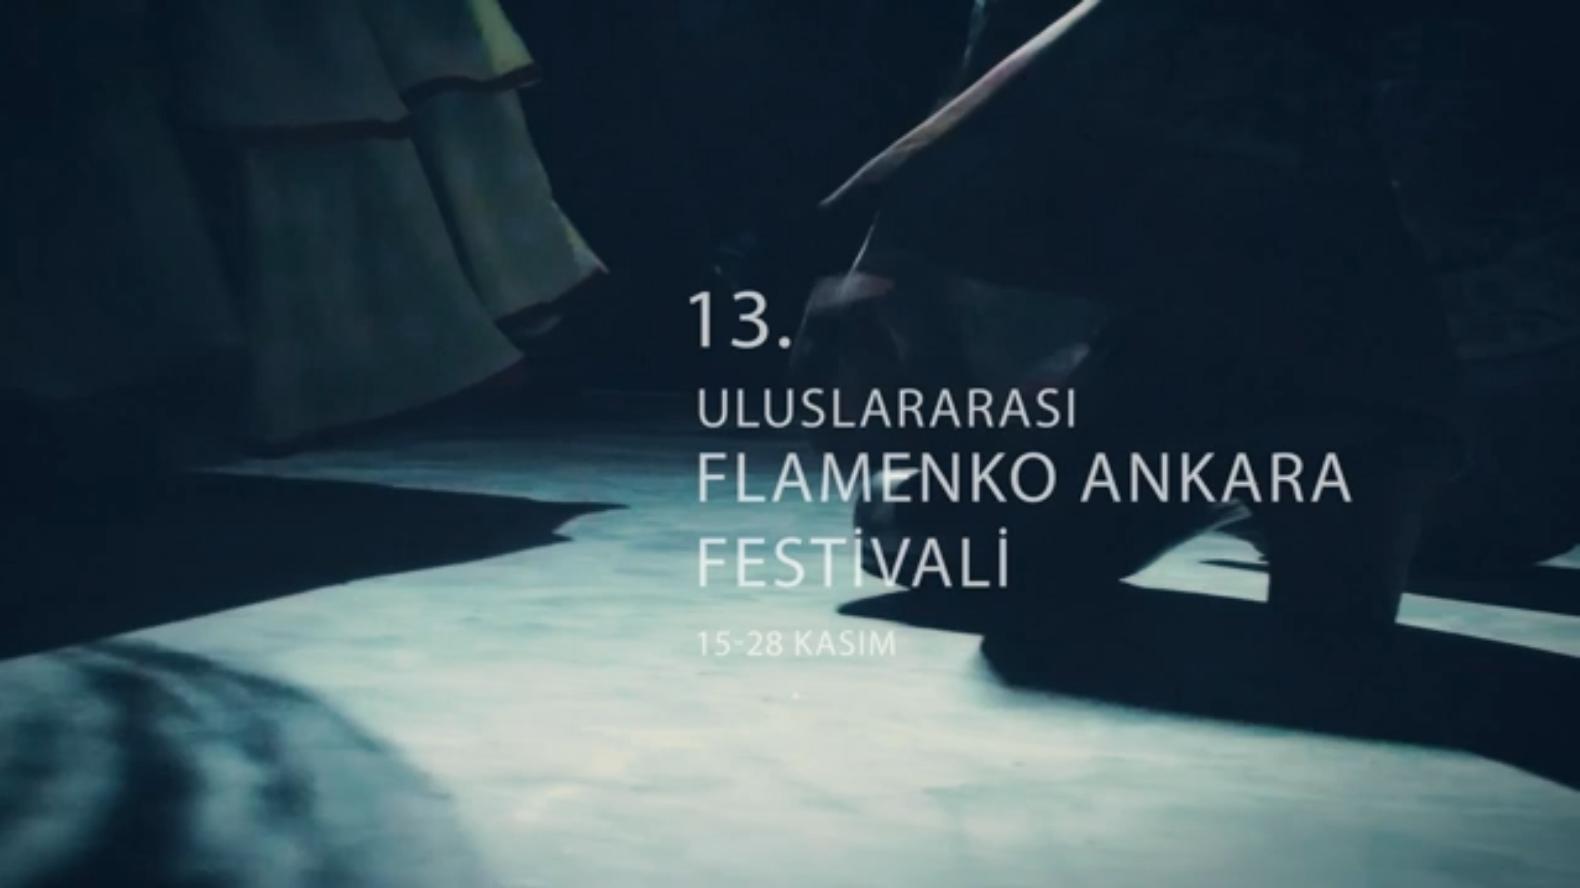 Uluslararası Flamenko Ankara Festivali, 15-28 Kasım'da 13. kez sanatseverlerle buluşuyor